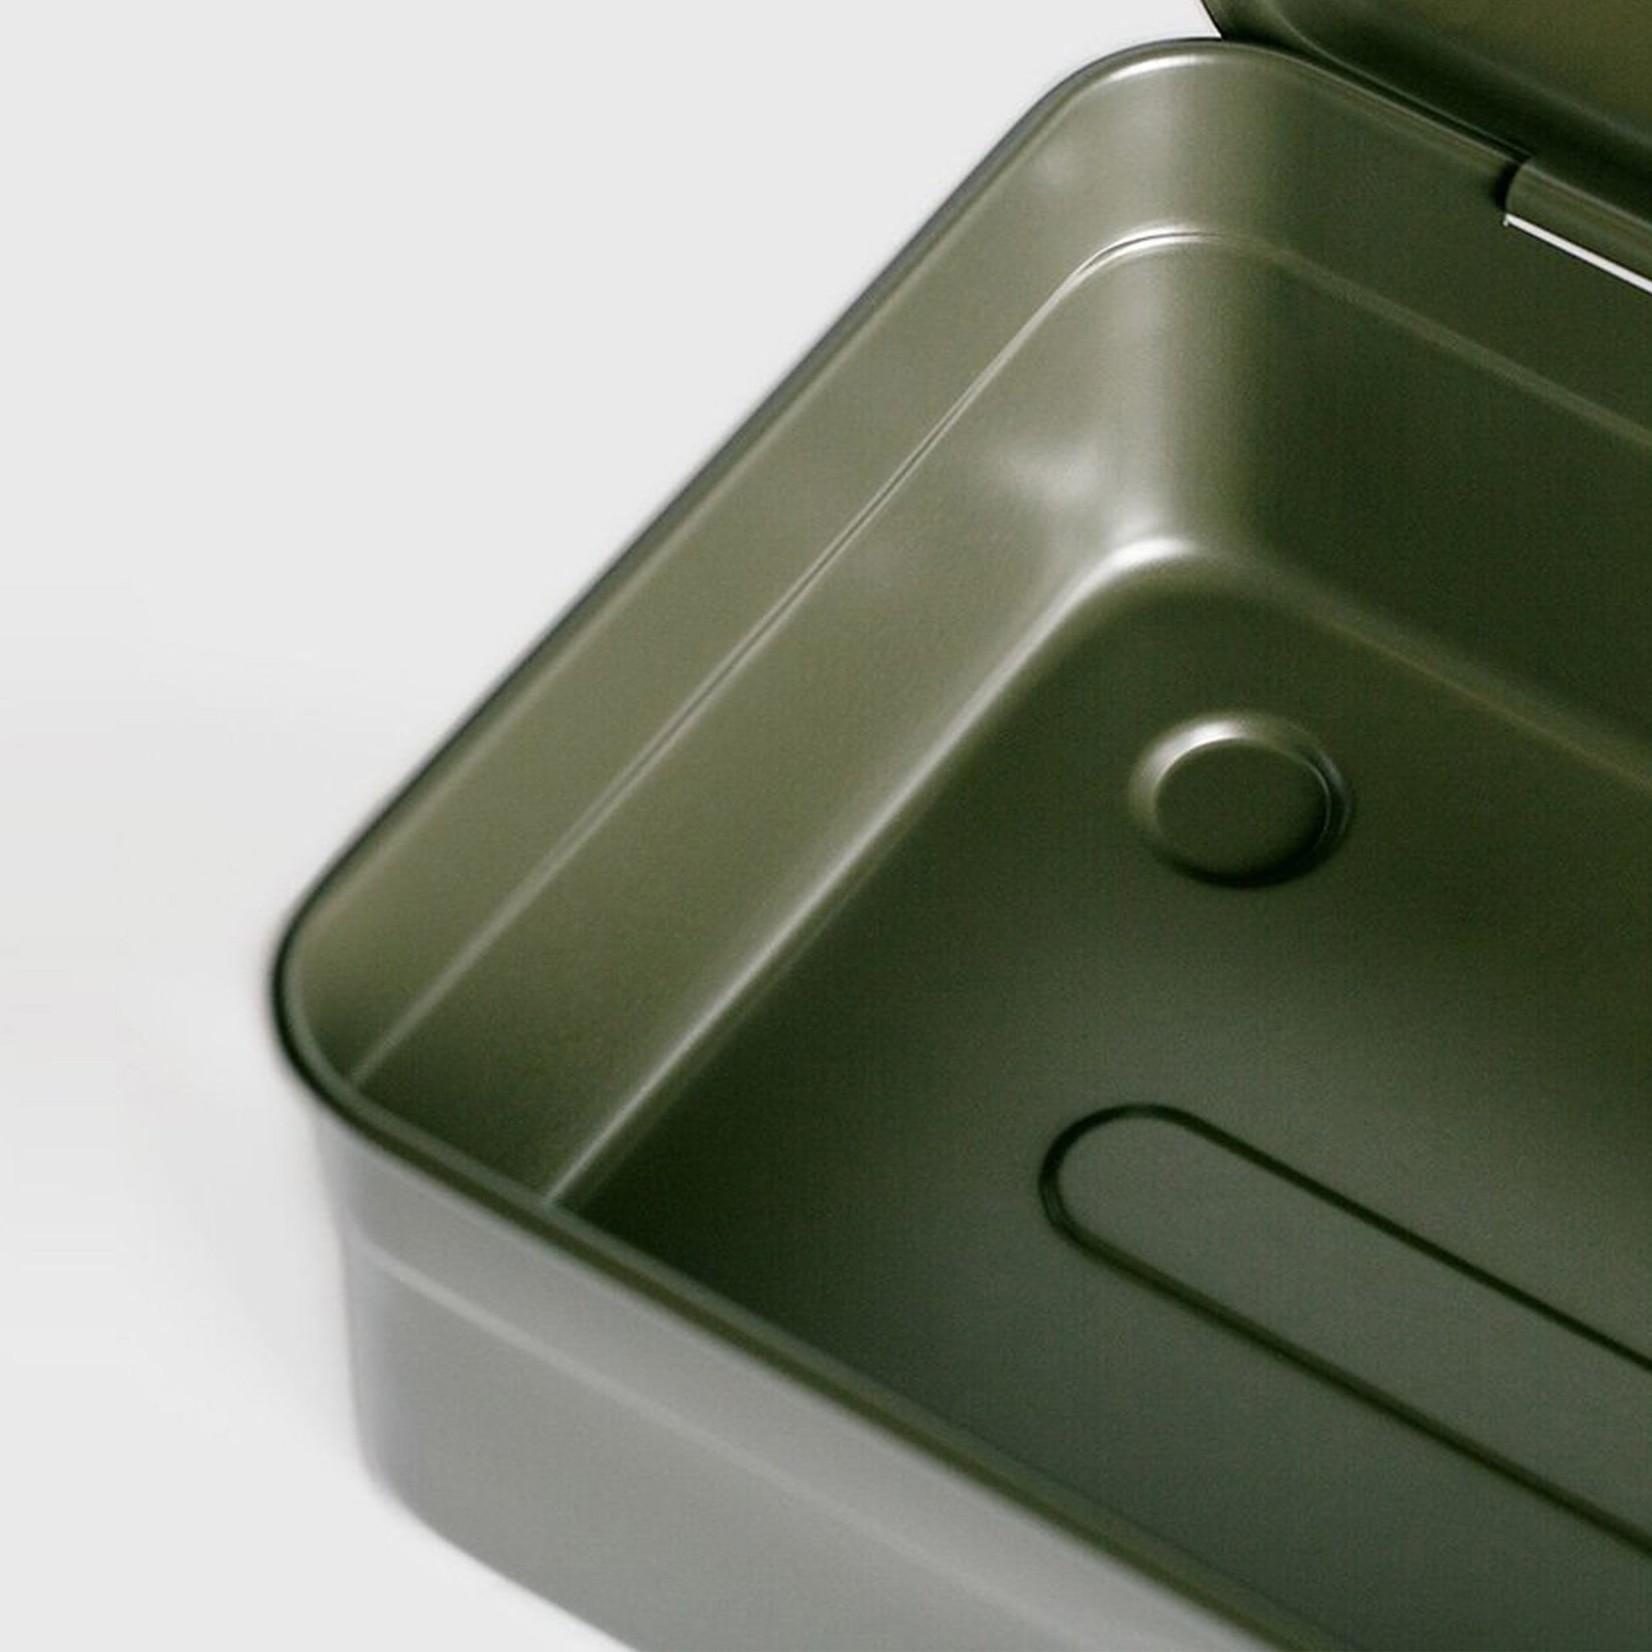 Toyo Toyo Steel Toolbox with Top Handle Y-350 Black